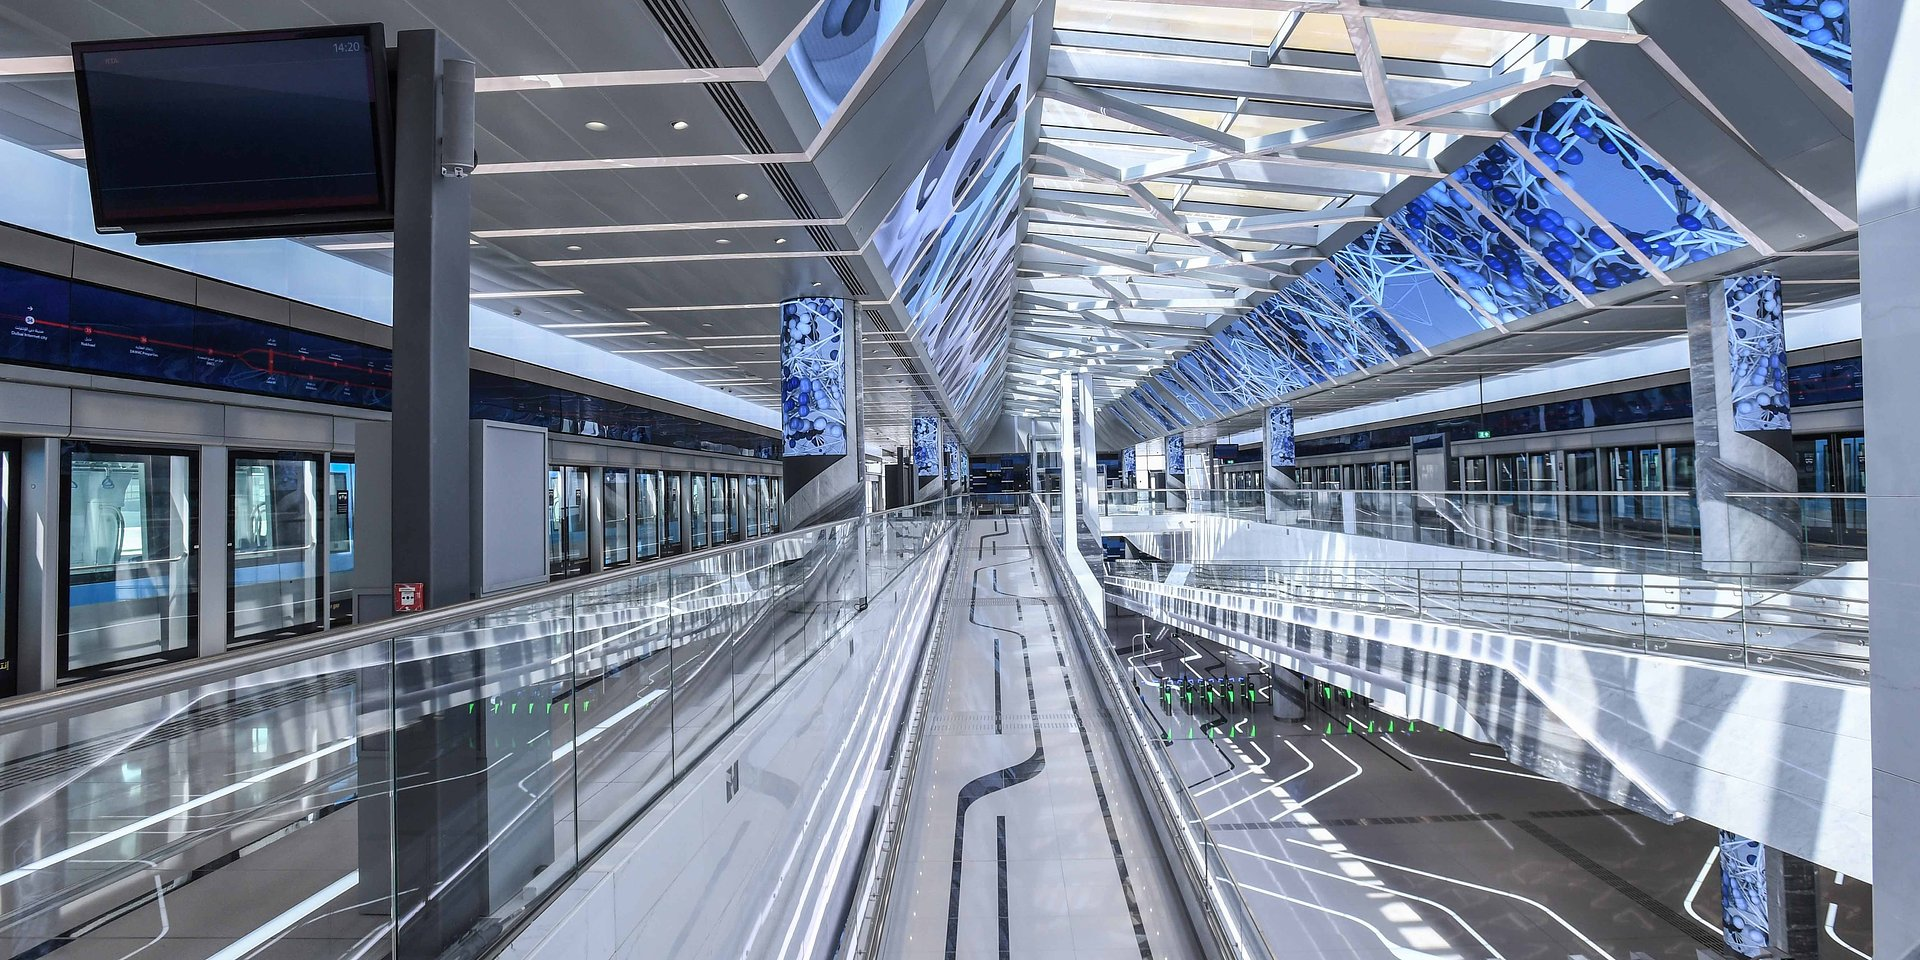 Najszybciej zrealizowany na świecie projekt budowy metra pod klucz: Alstom dla metra w Dubaju